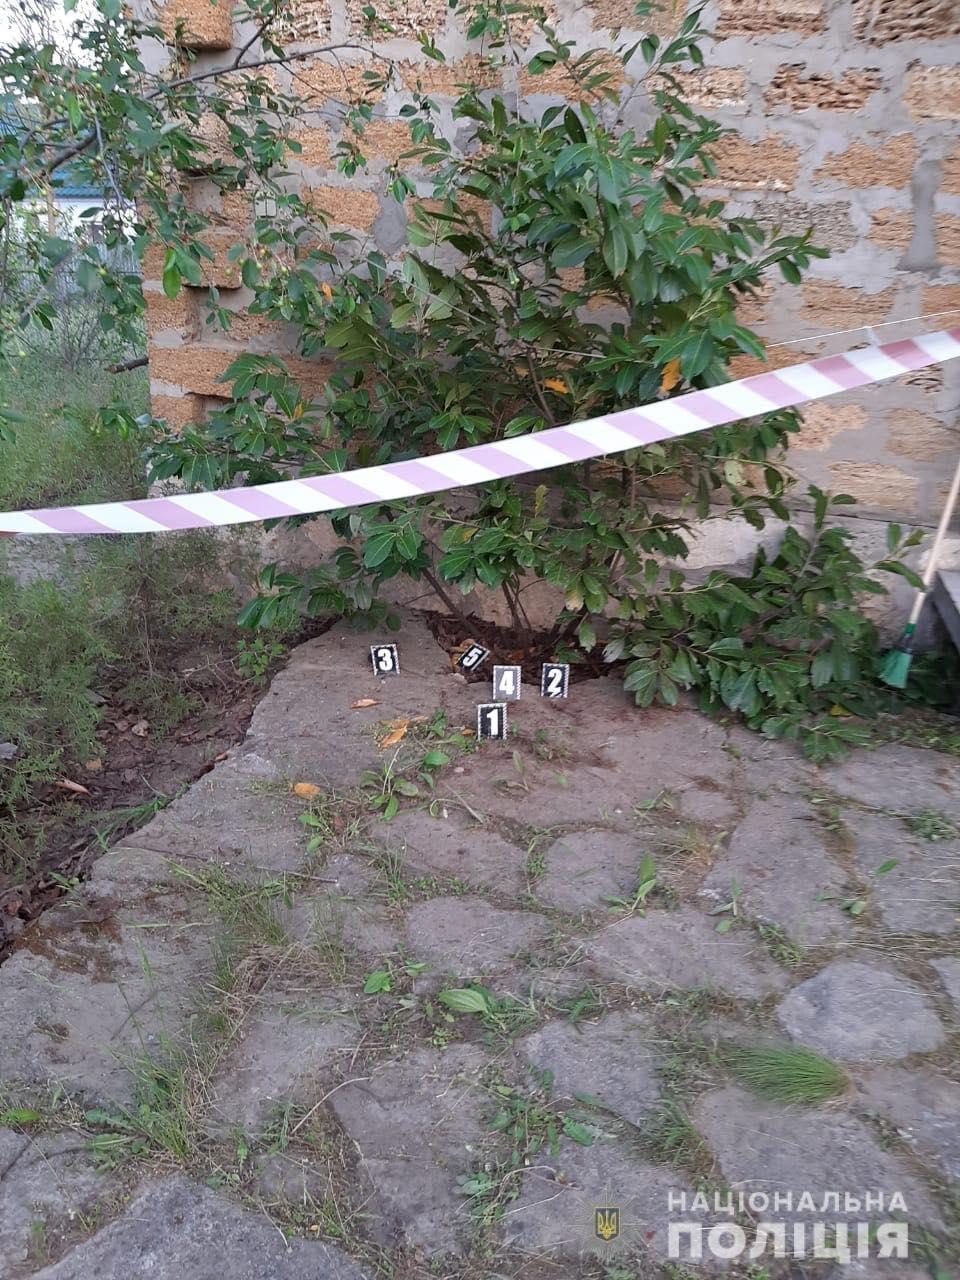 На Николаевщине местного жителя обнаружили закопанным в собственном дворе, - ФОТО, фото-3